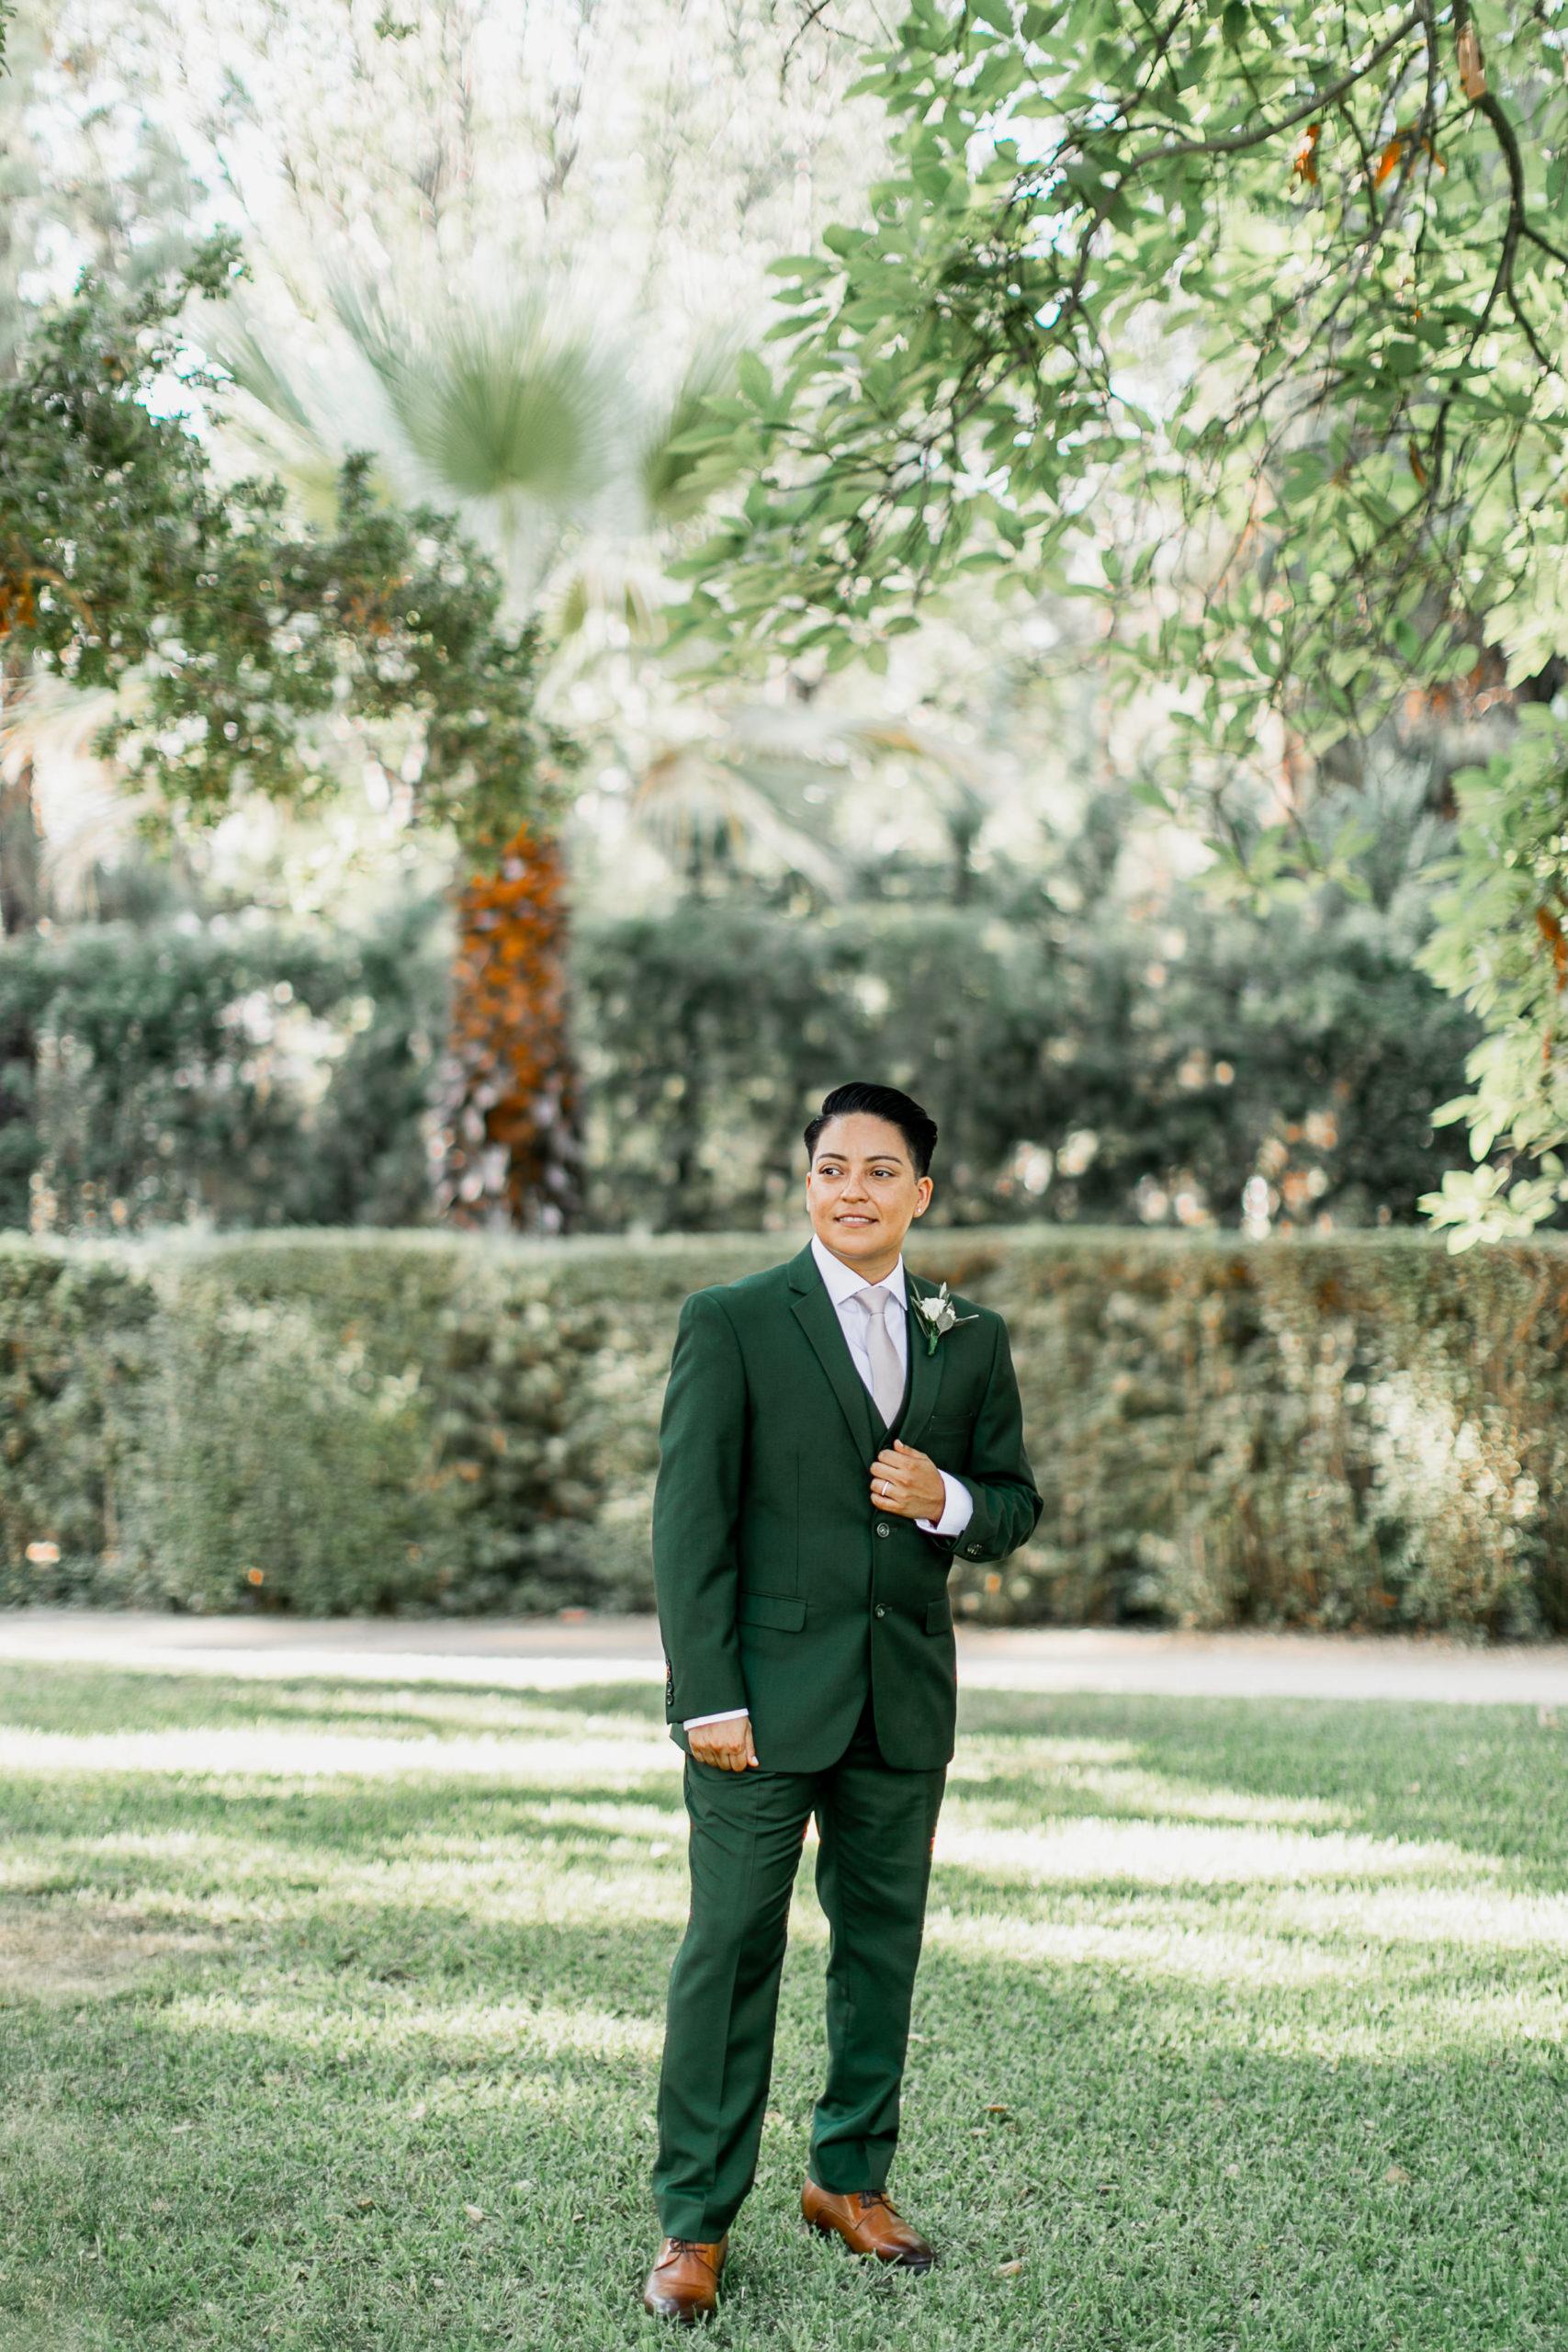 lgbtq wedding suit